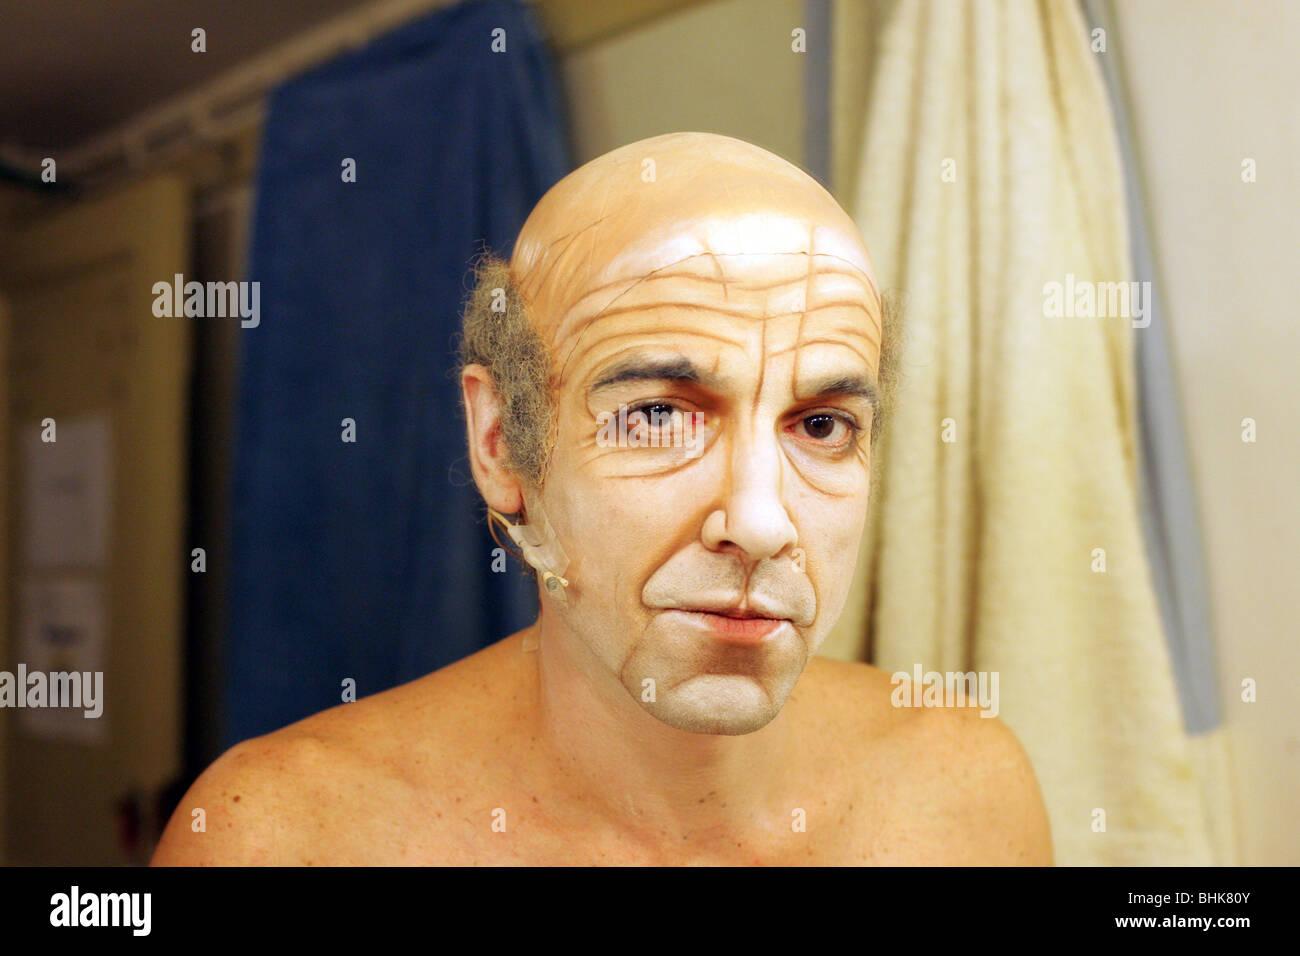 Retrato de actor con maquillaje. Imagen De Stock